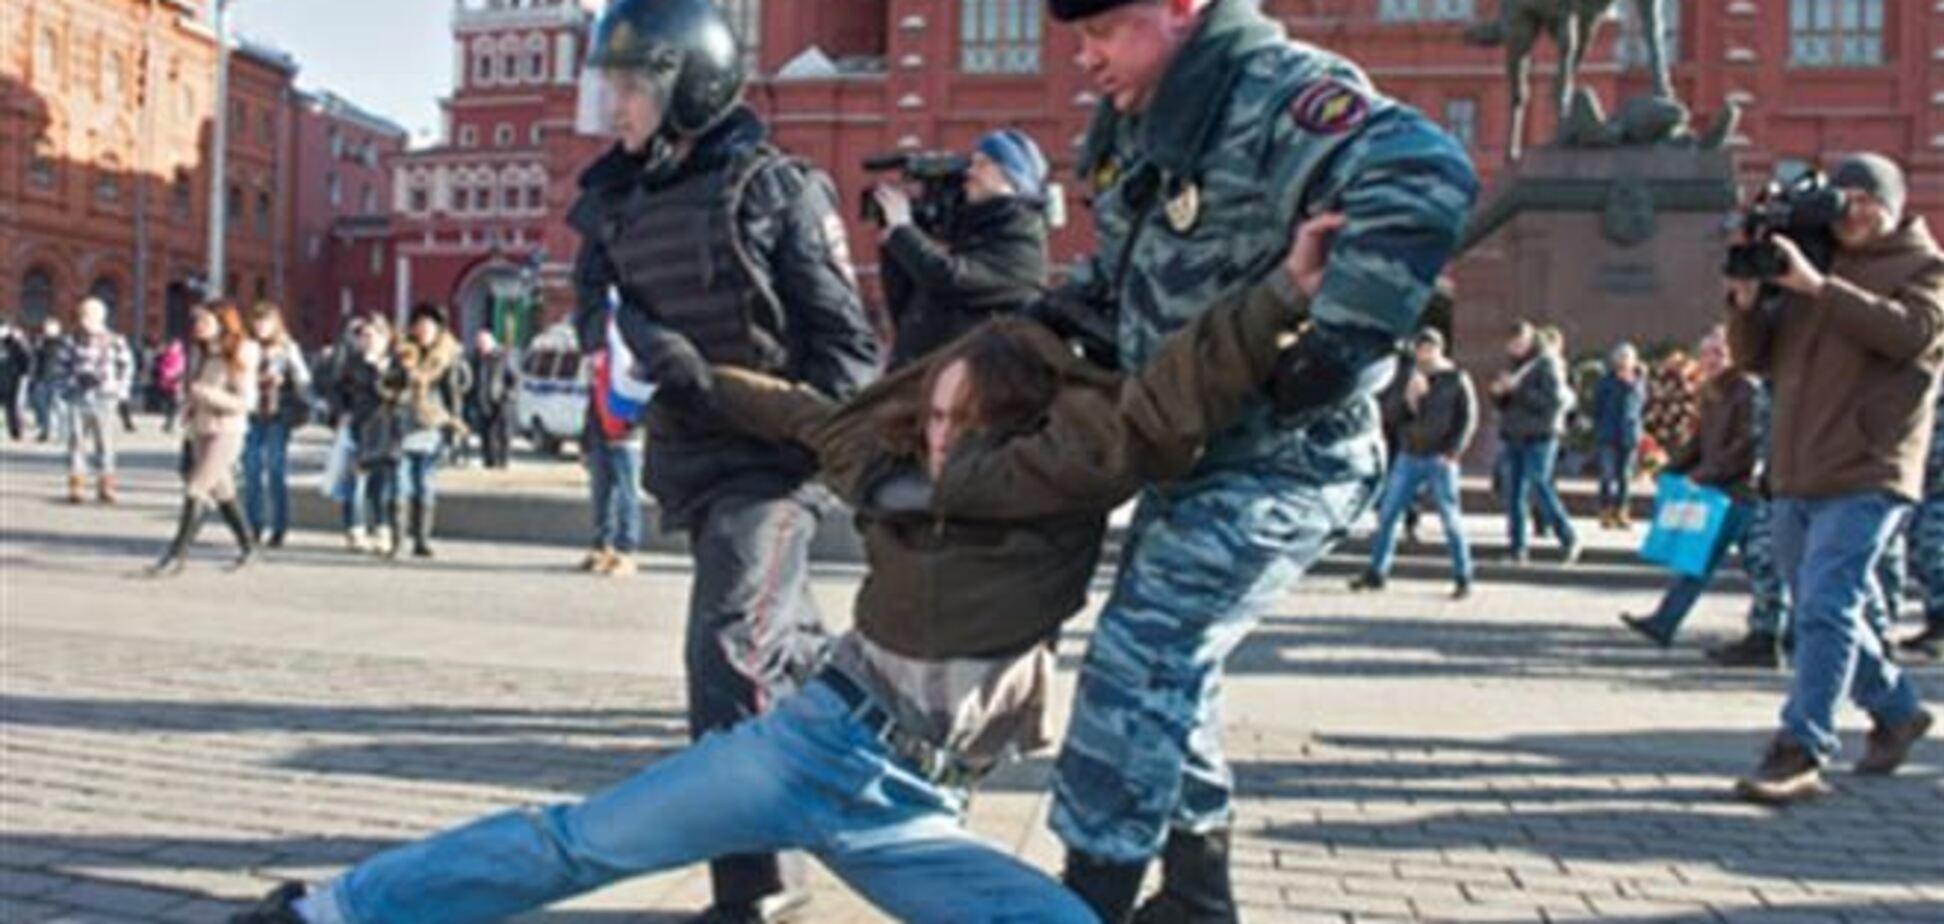 Российская оппозиция анонсировала антивоенный марш 15 марта в Москве